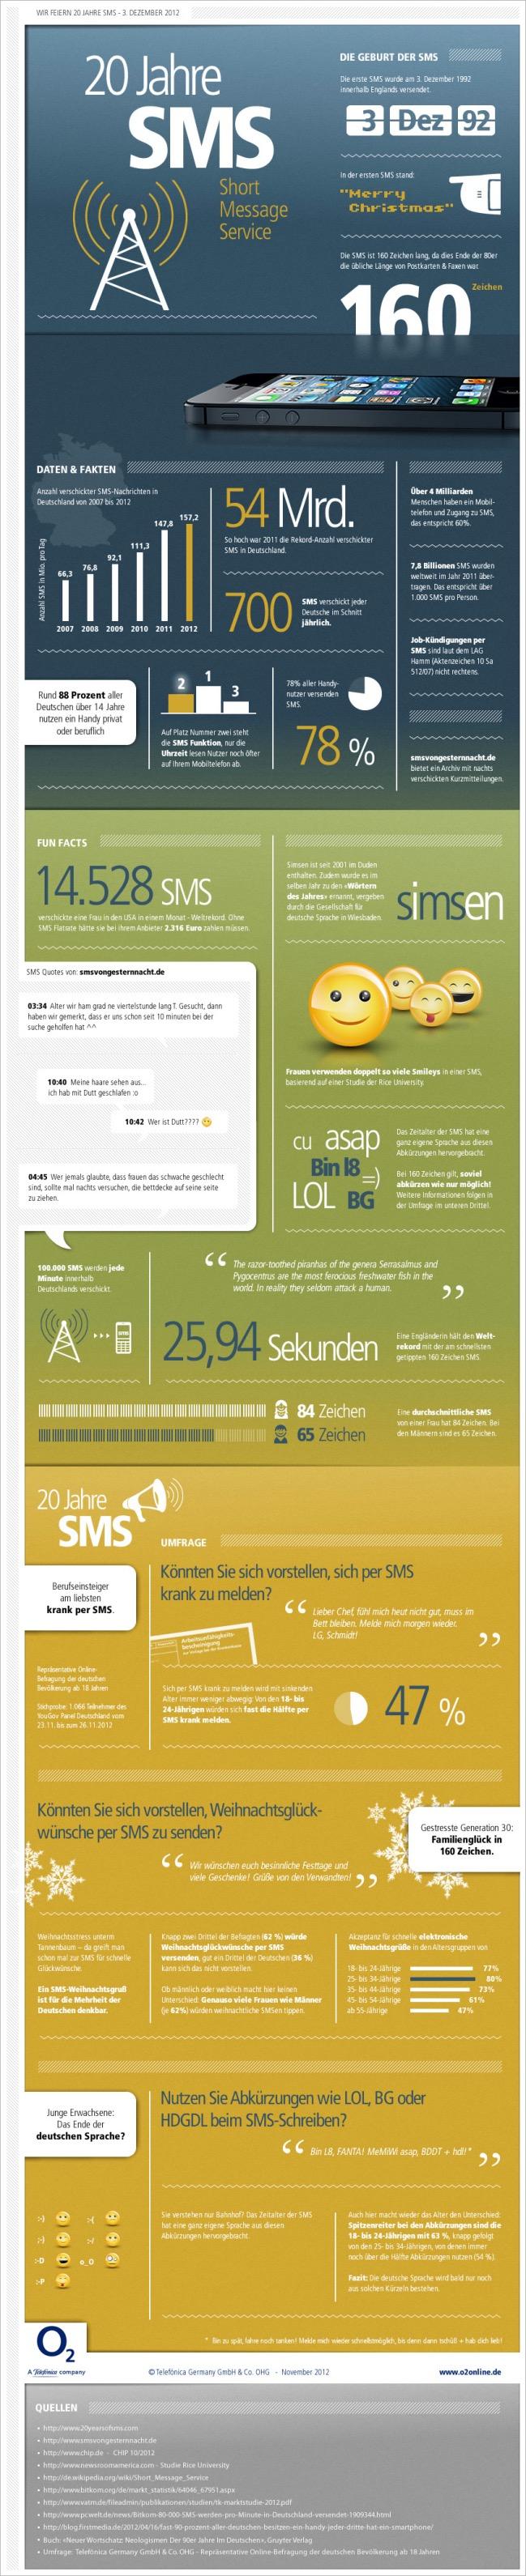 SMS 20 Jahre